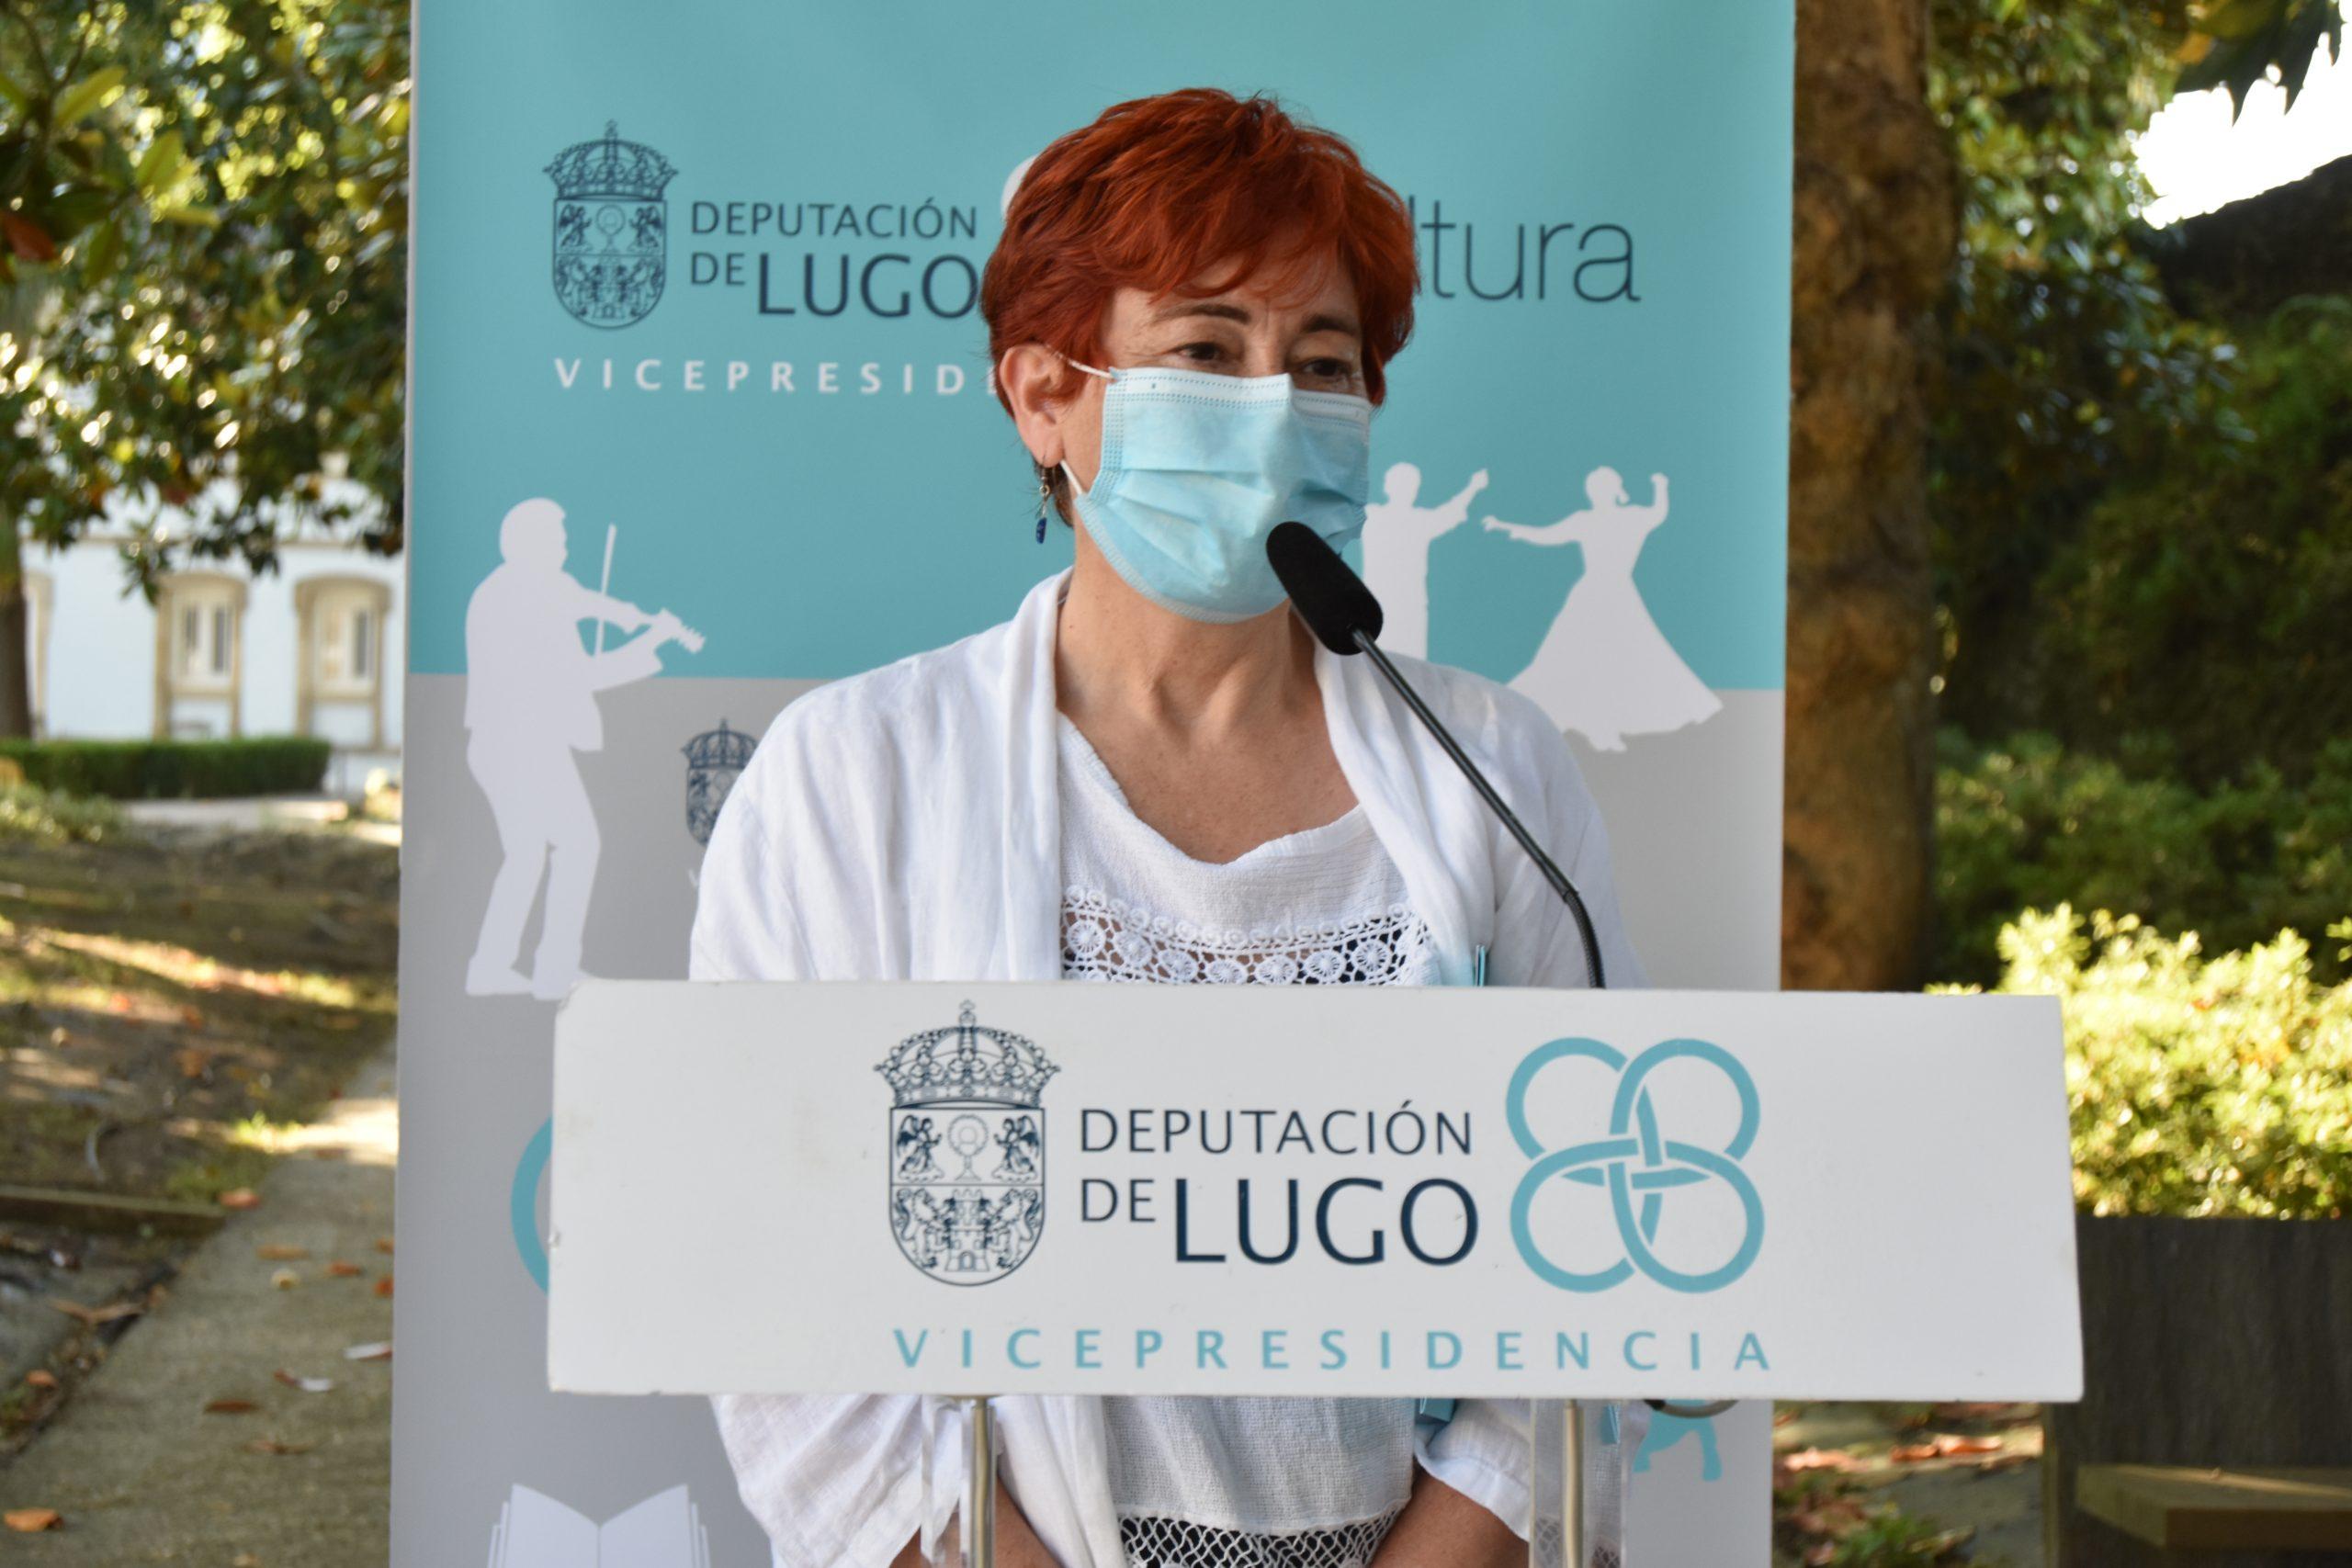 A Vicepresidencia da Deputación apoia o tecido cultural de base cunha convocatoria de axudas cun importe total de 200.000 euros